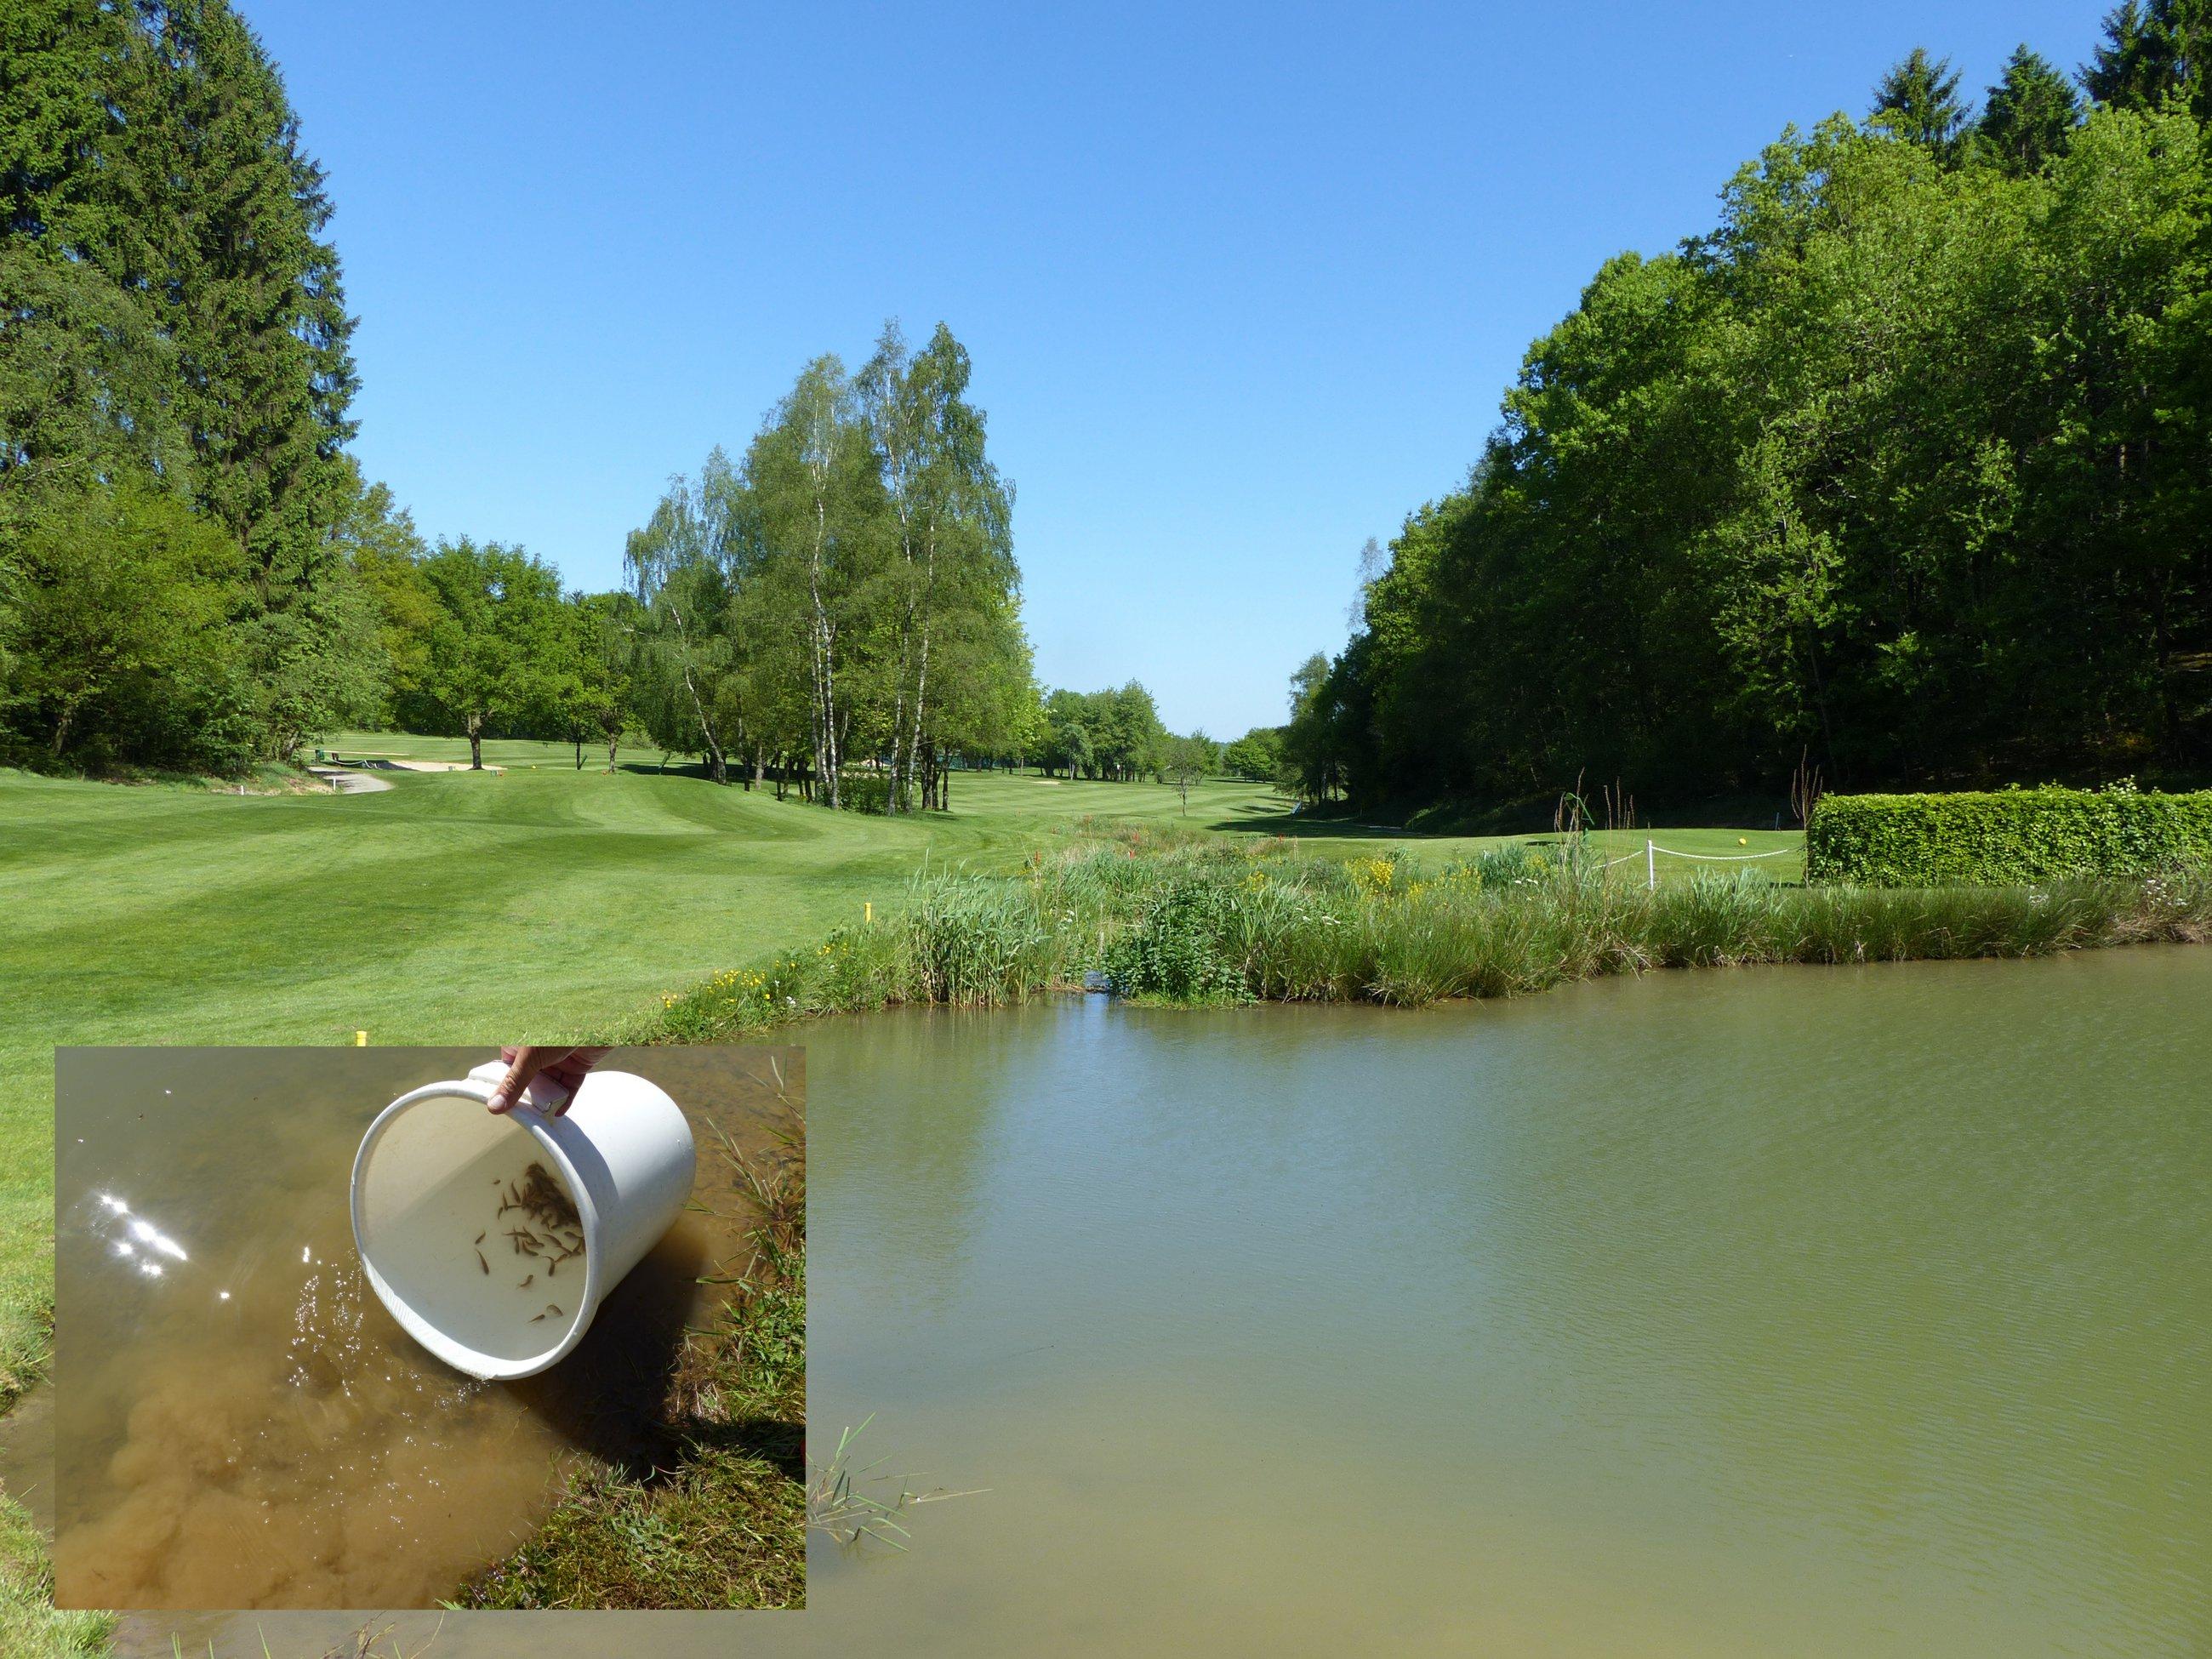 Golfclub siegen olpe artikel lesen for Jungfische im teich